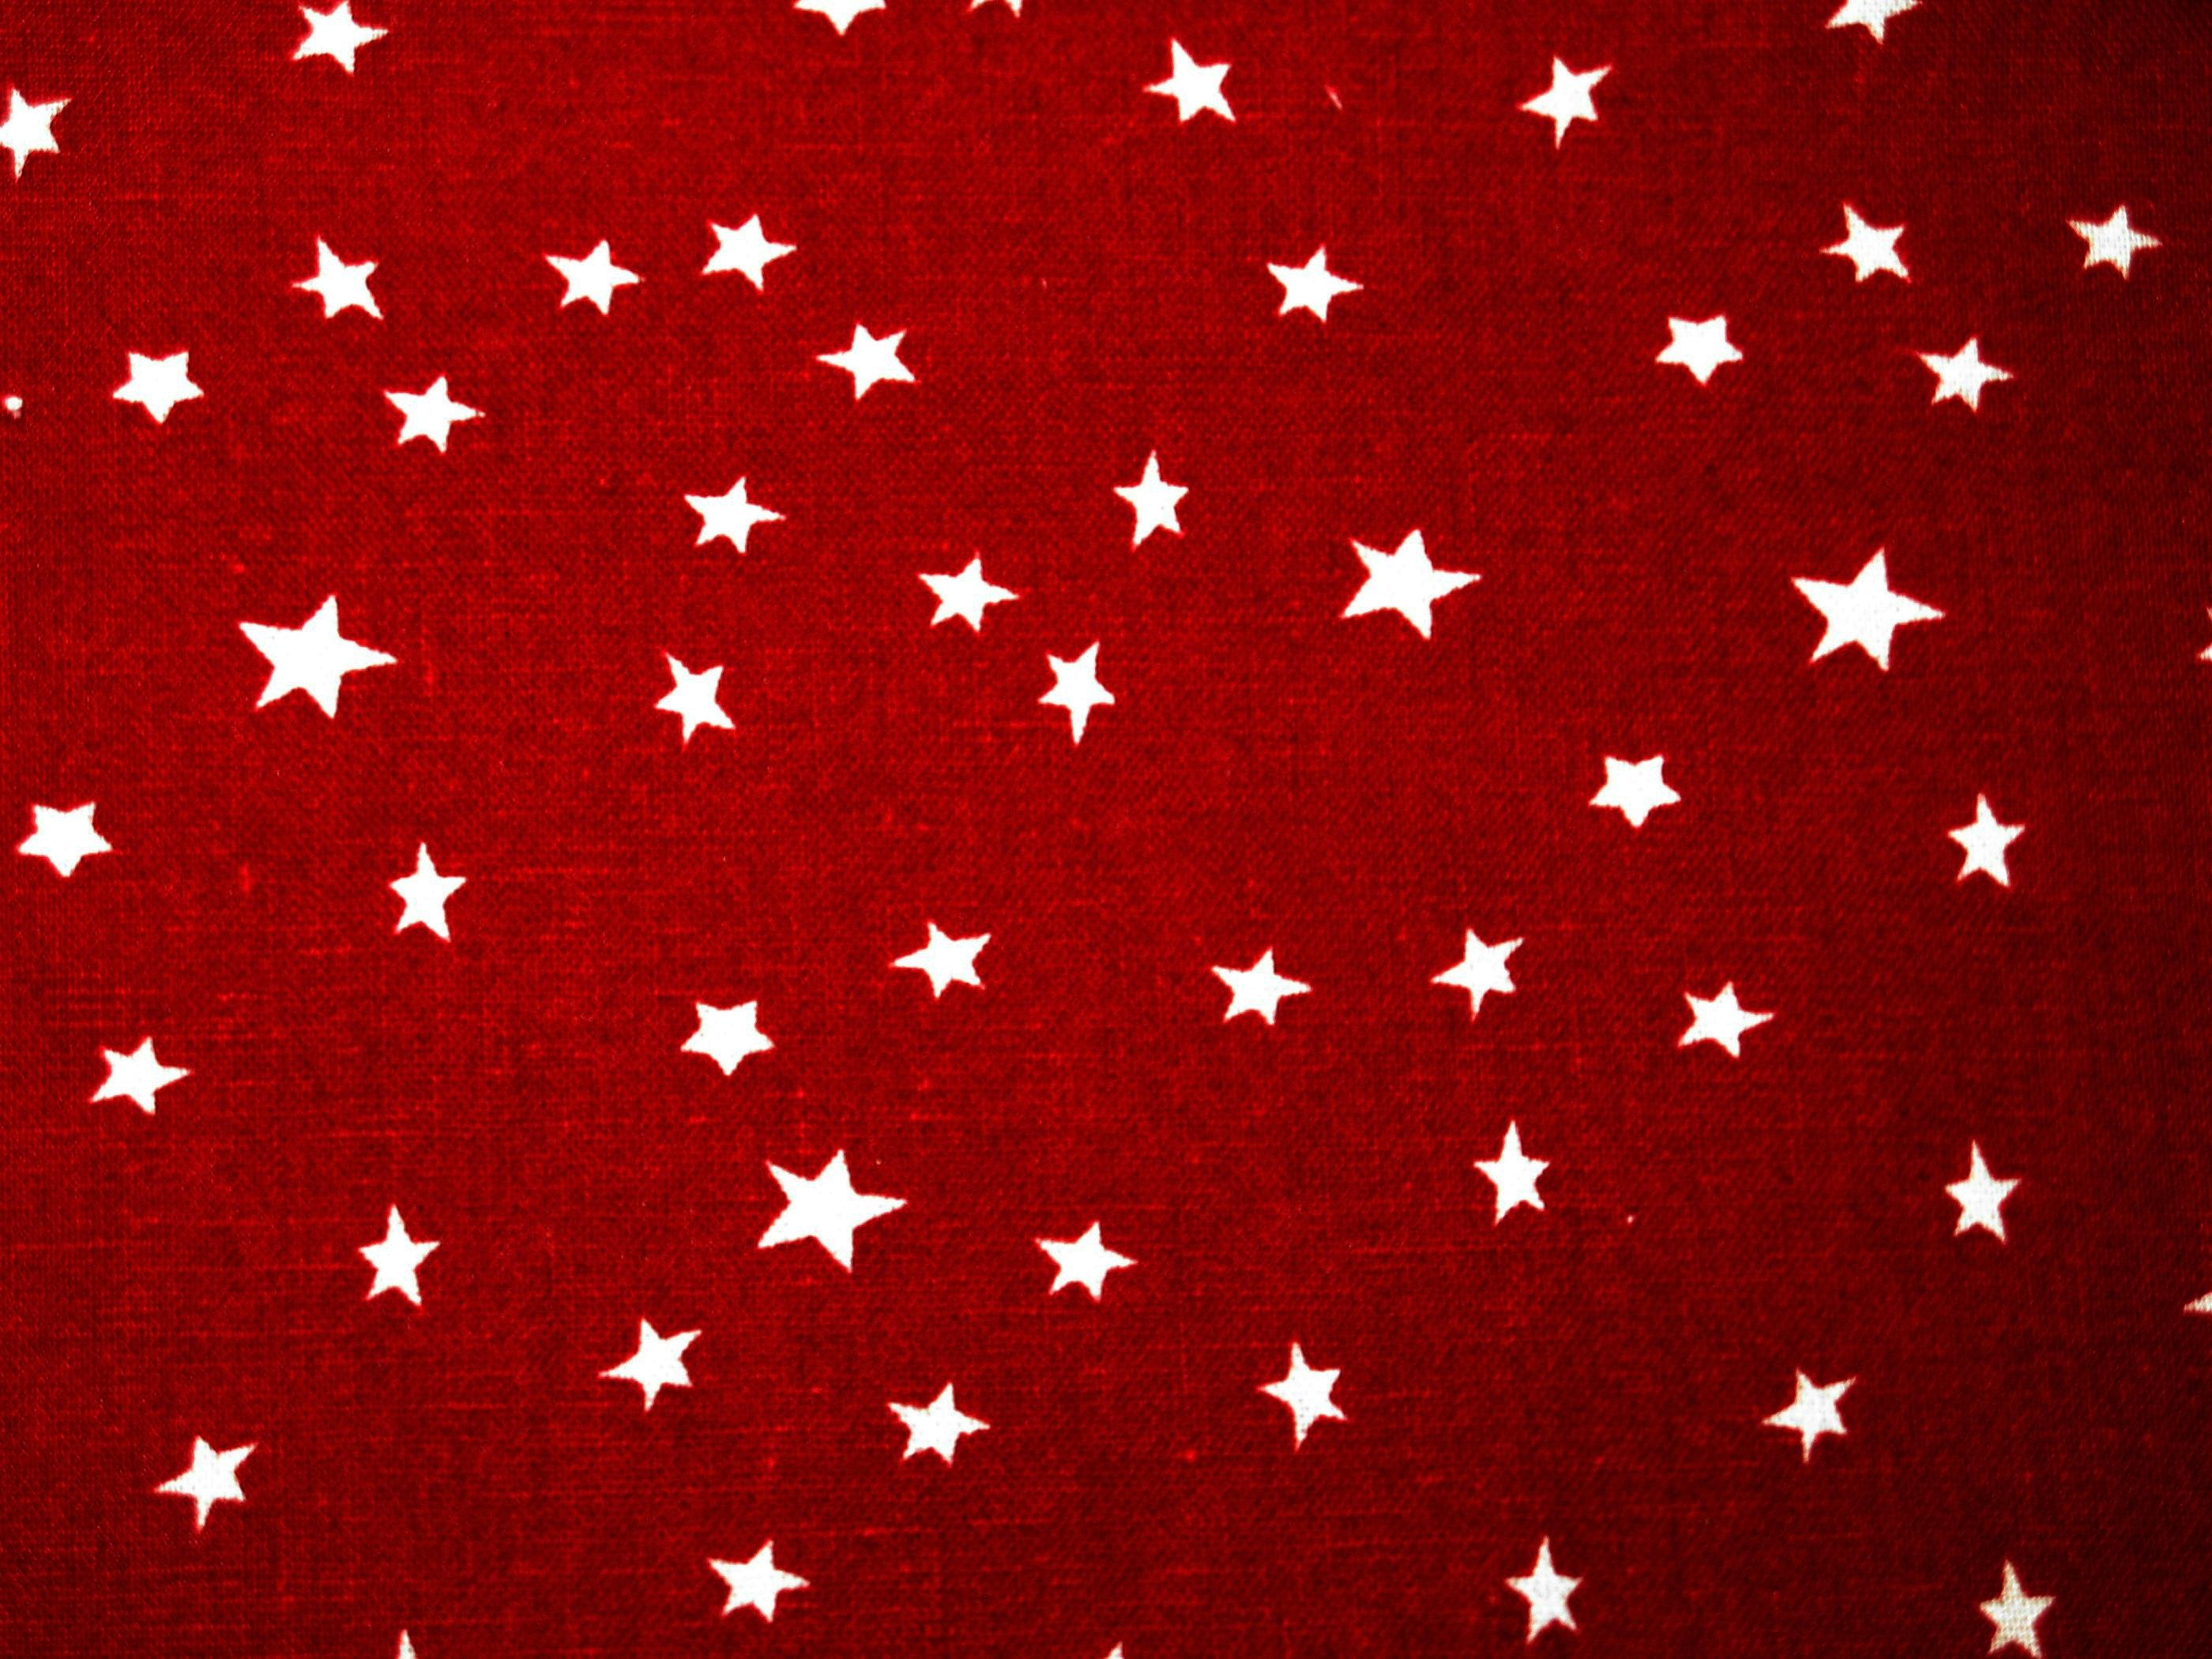 Röd bomull med stjärnor